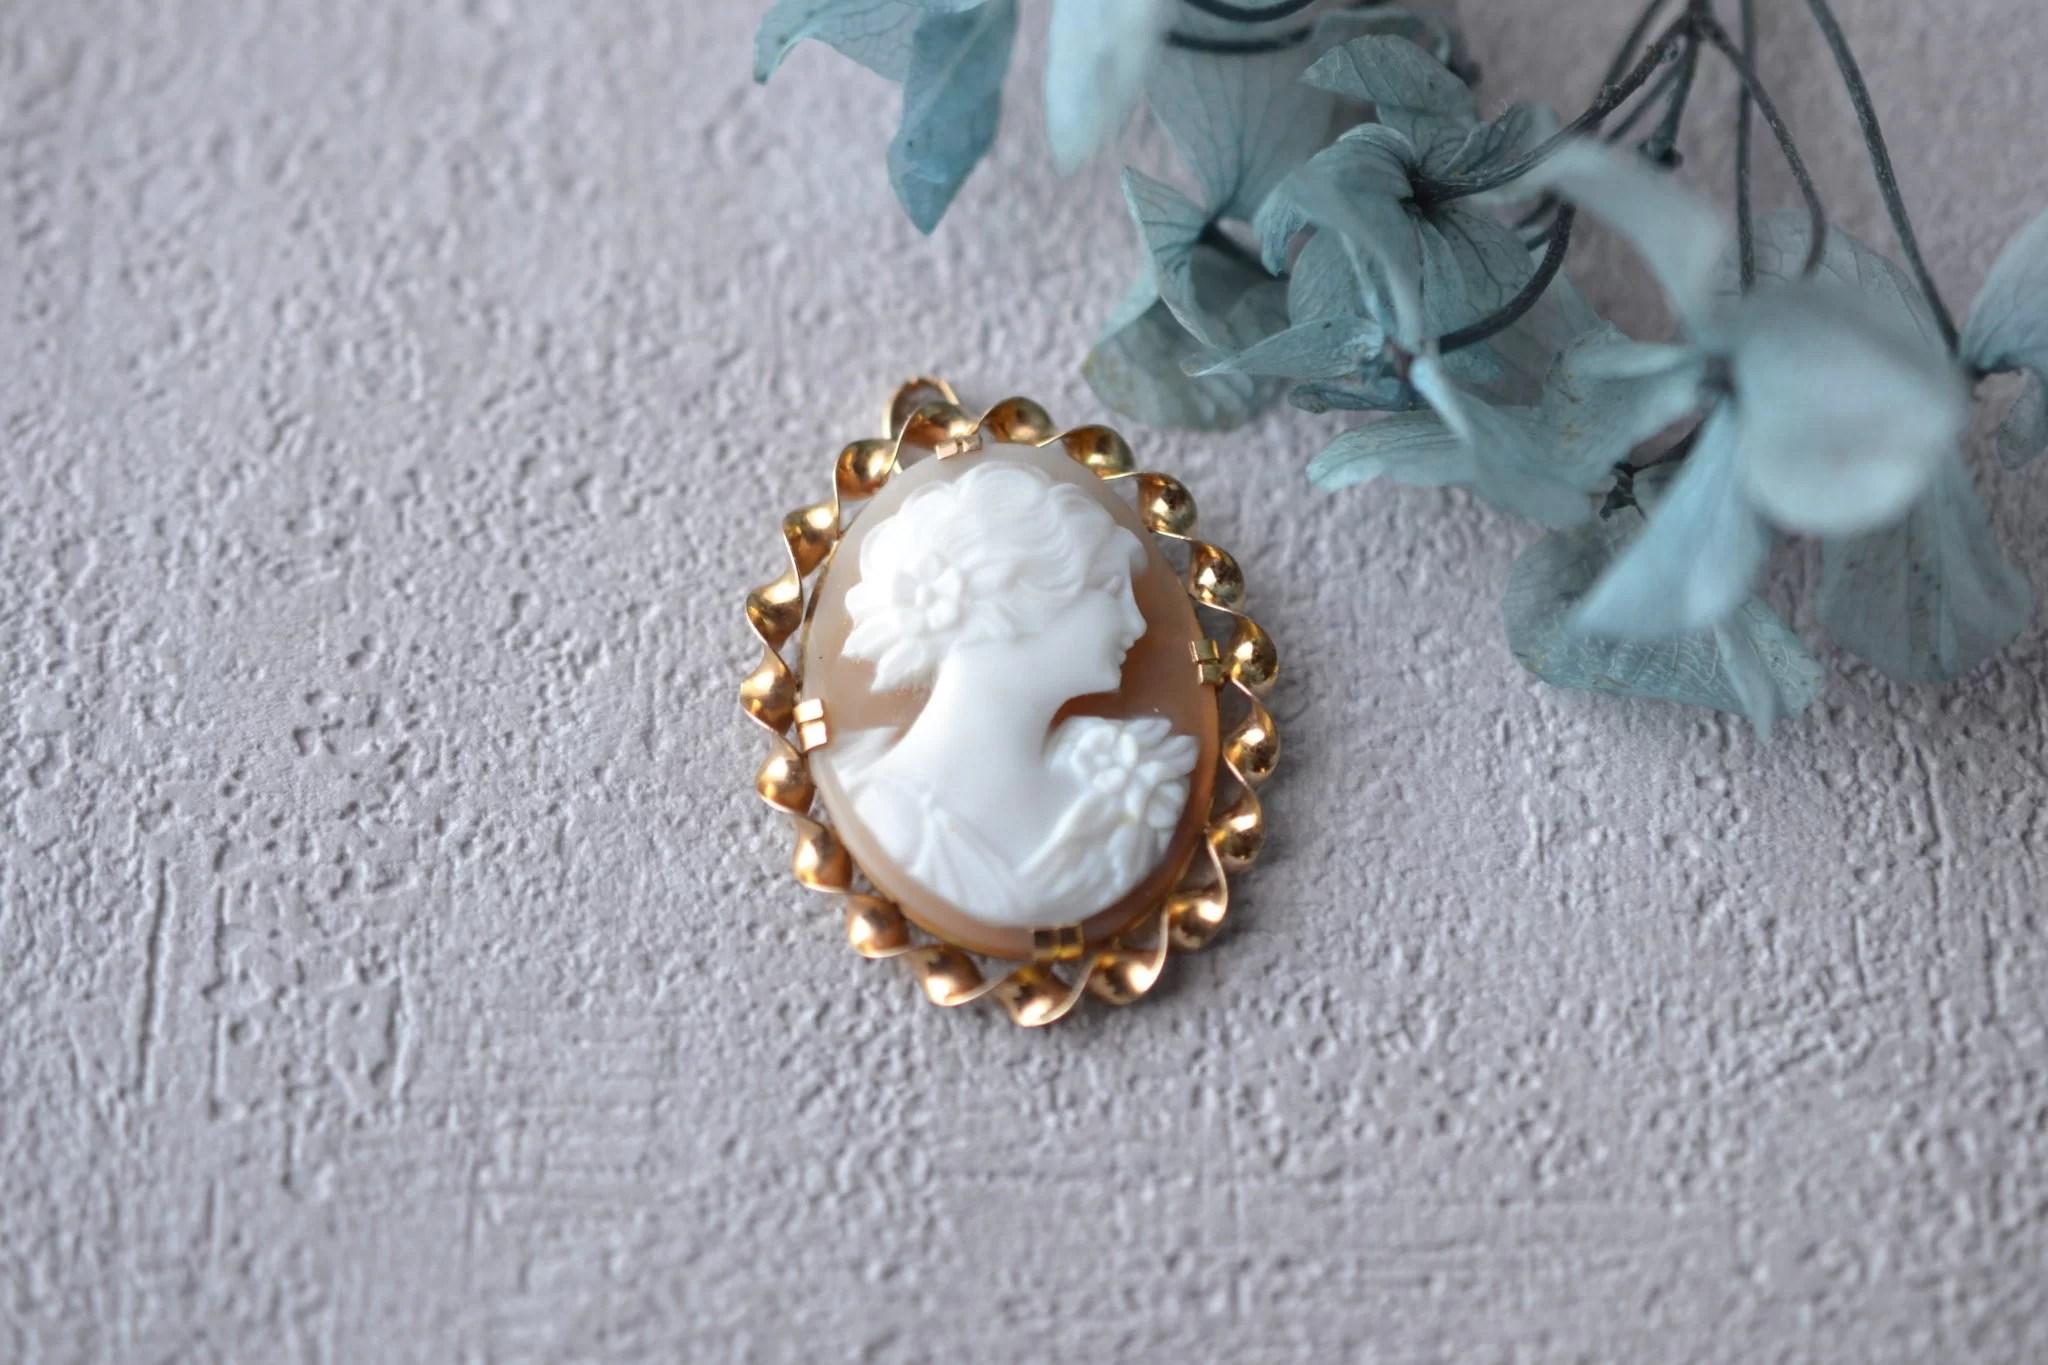 Pendentif En Or Jaune Serti D_un Camée Coquille Sur Une Monture Torsadée, Partie Broche Supprimée - Bijou Vintage